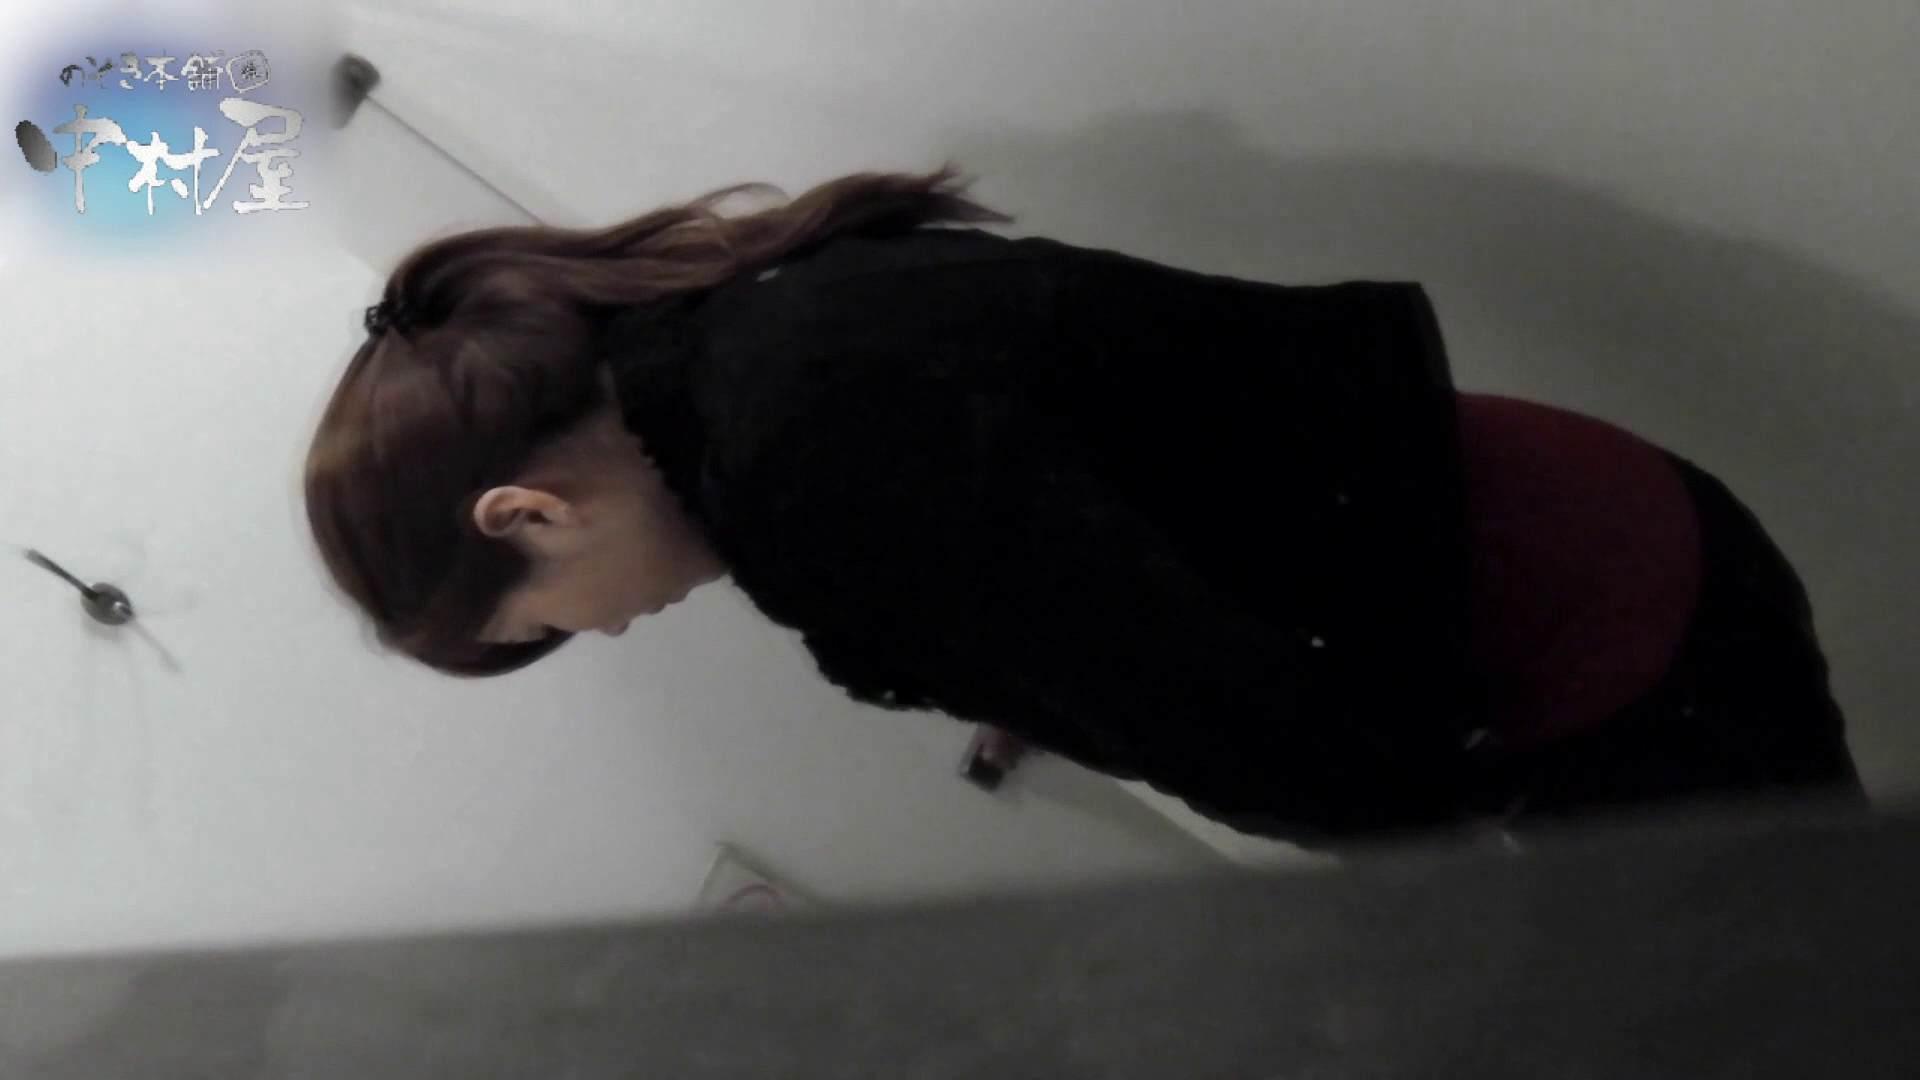 乙女集まる!ショッピングモール潜入撮vol.12 トイレ エロ画像 78PIX 63